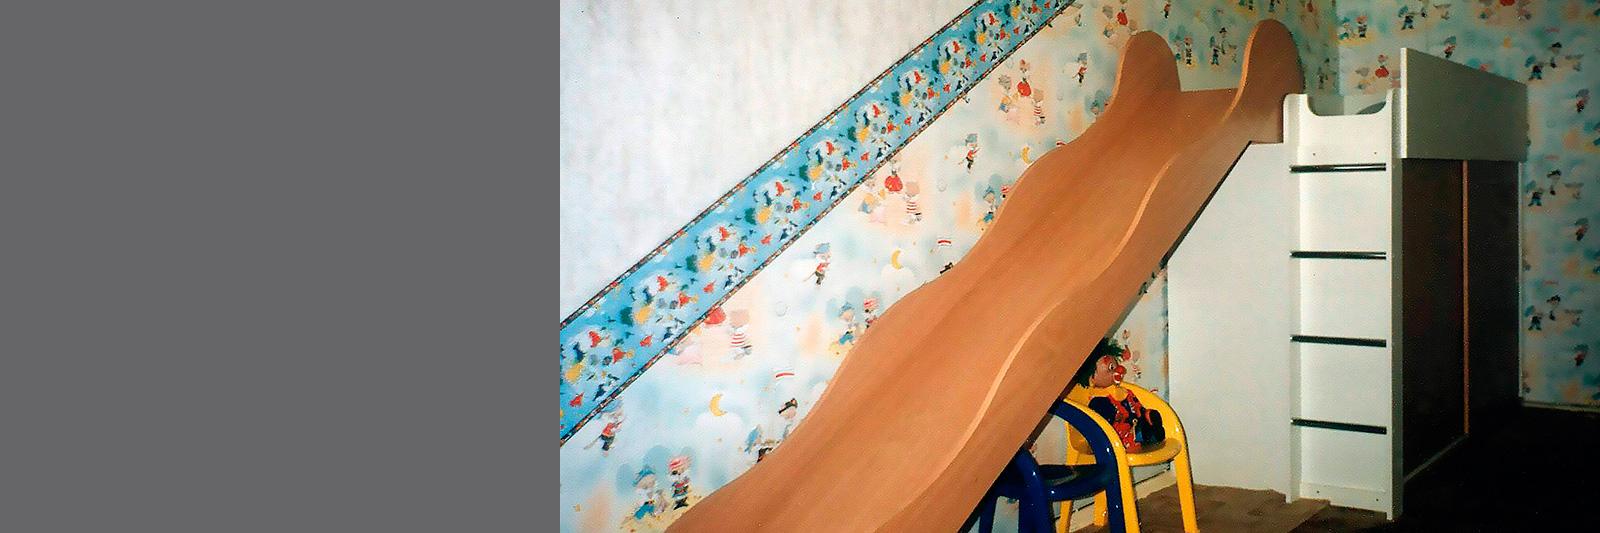 Детская двухъярусная кровать на заказ с горкой